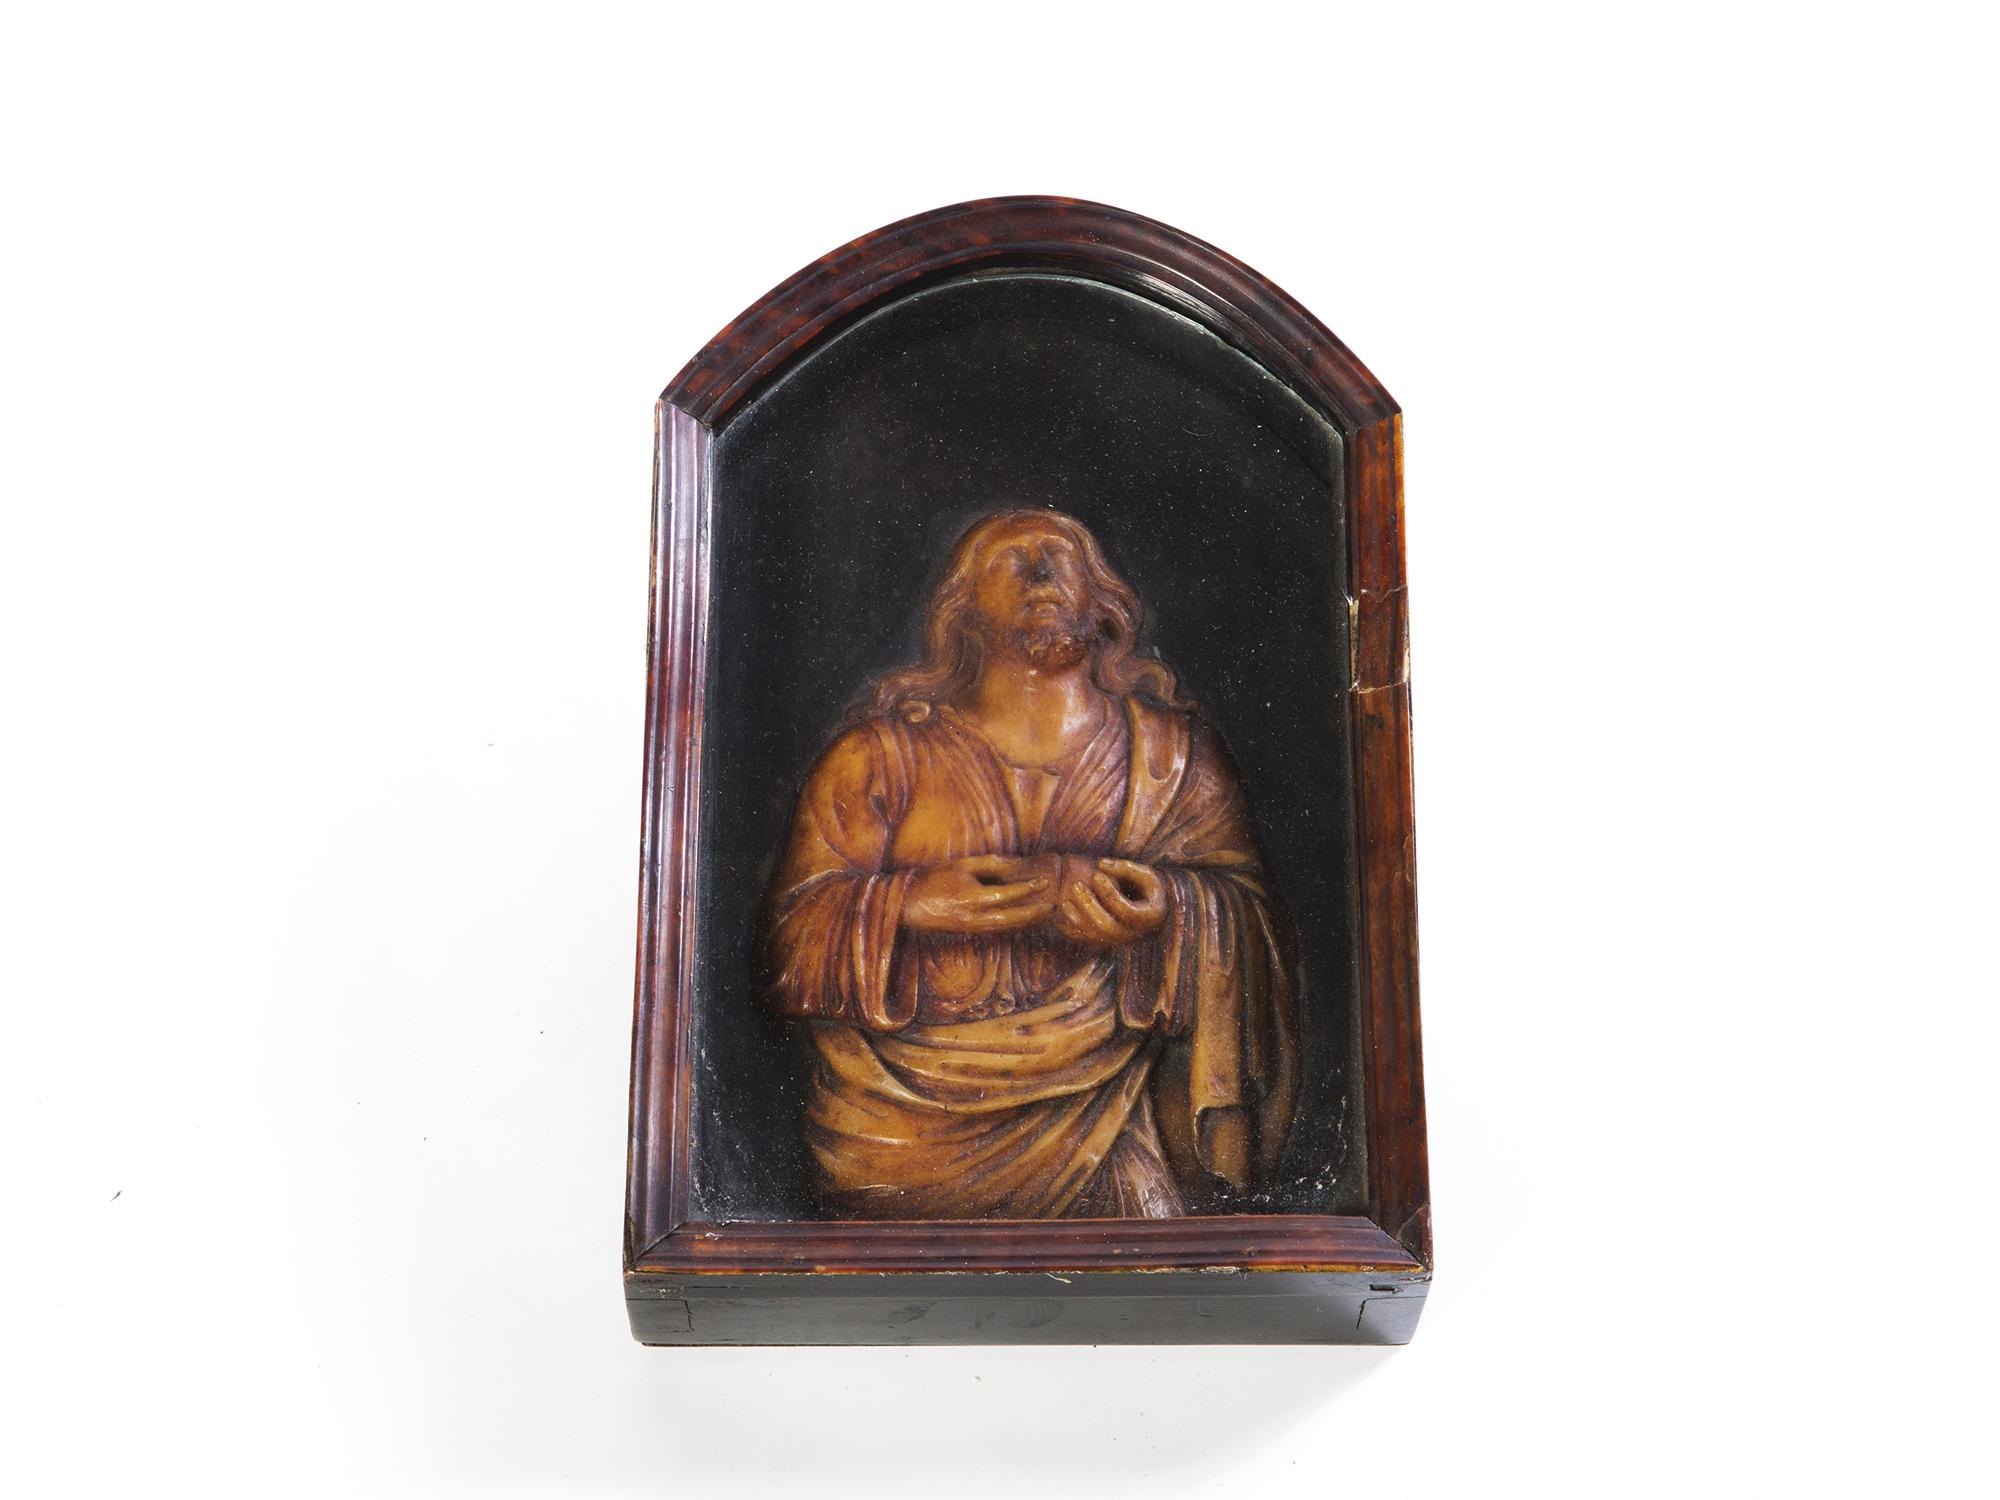 Rilievo in cera raffigurante Cristo eucaristico, Napoli secolo XVIII